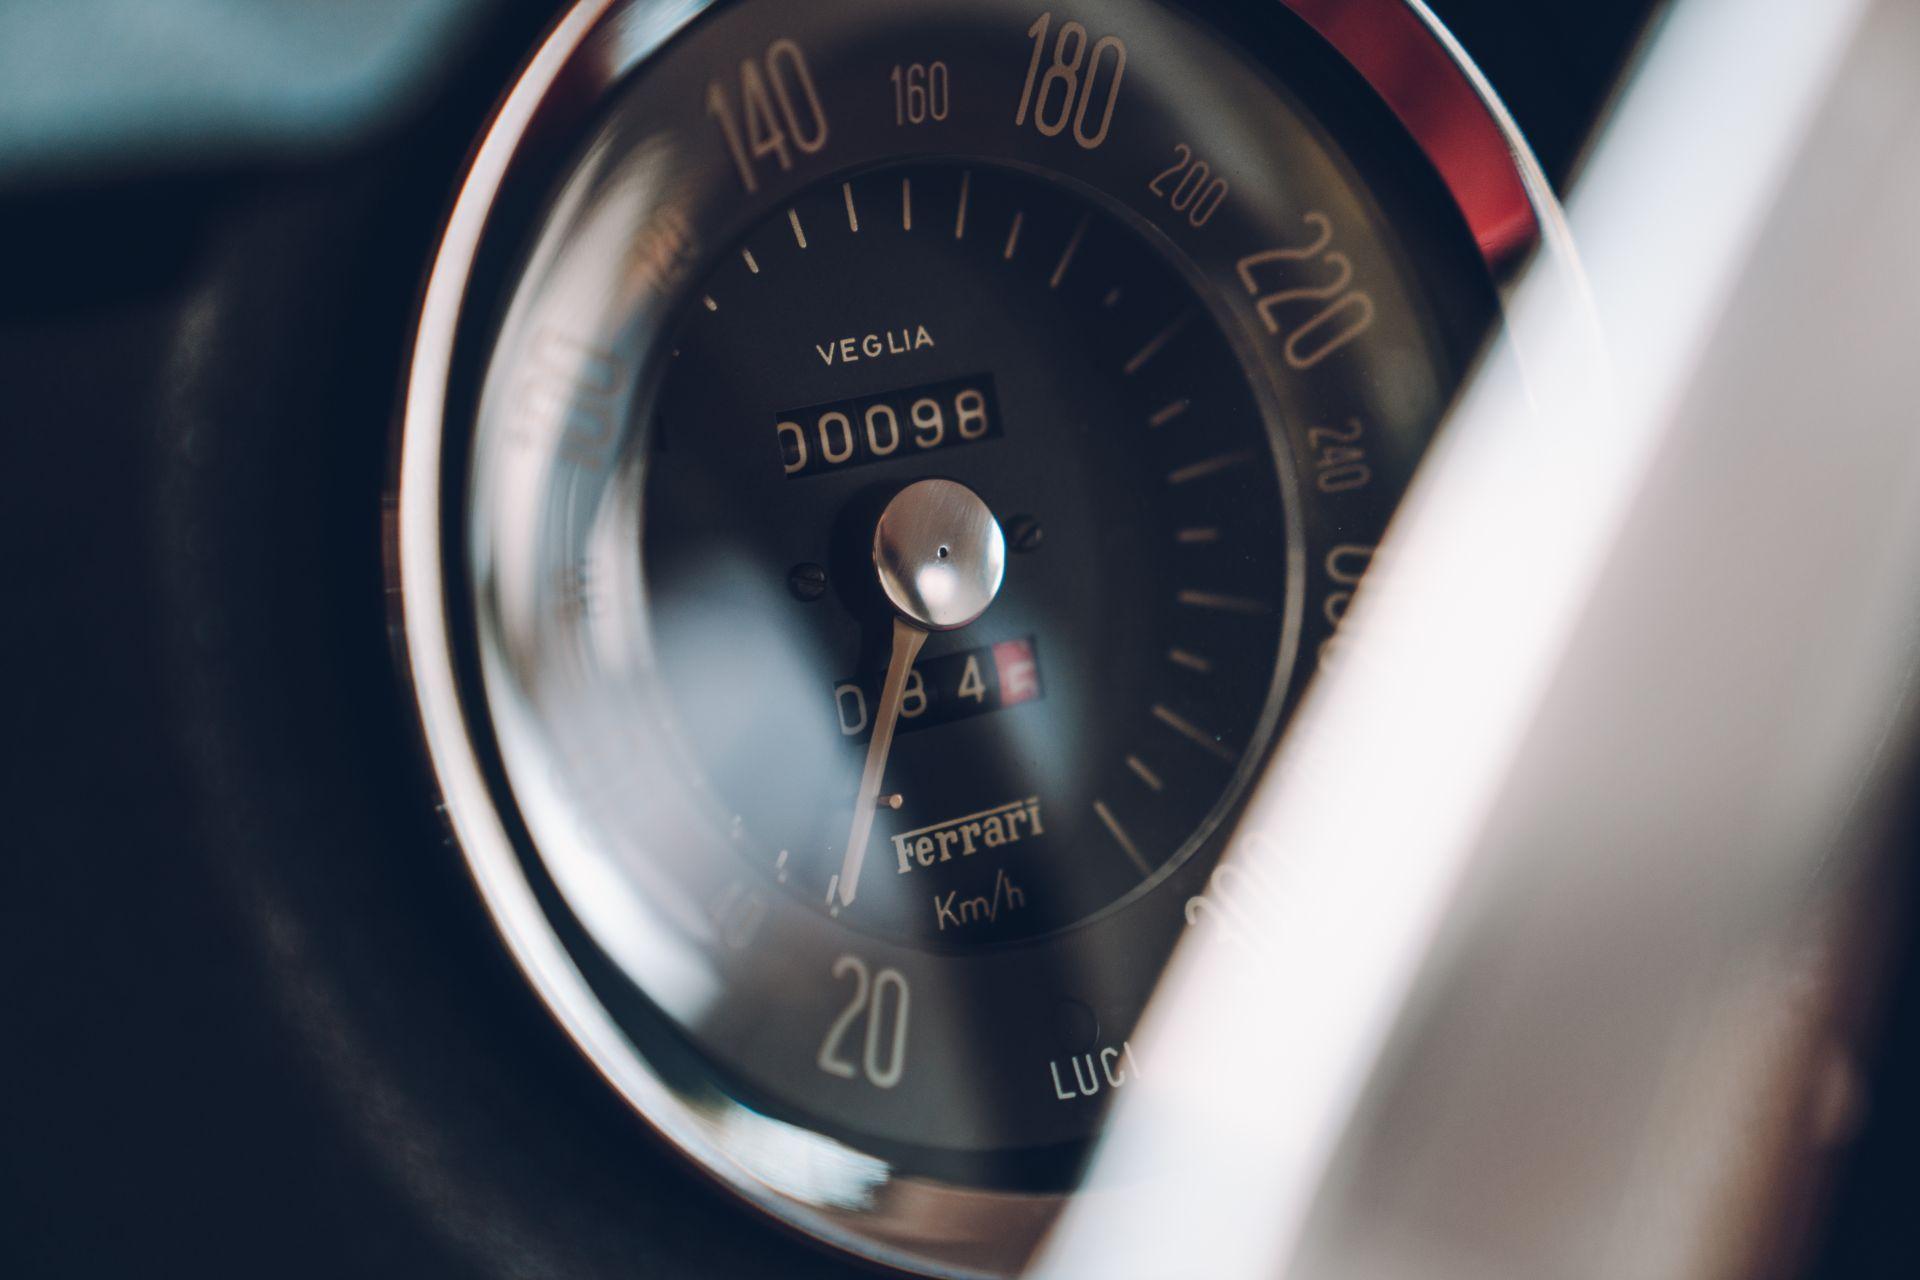 Ferrari-250-GT-SWB-Berlinetta-Competizione-Revival-by-GTO-Engineering-58